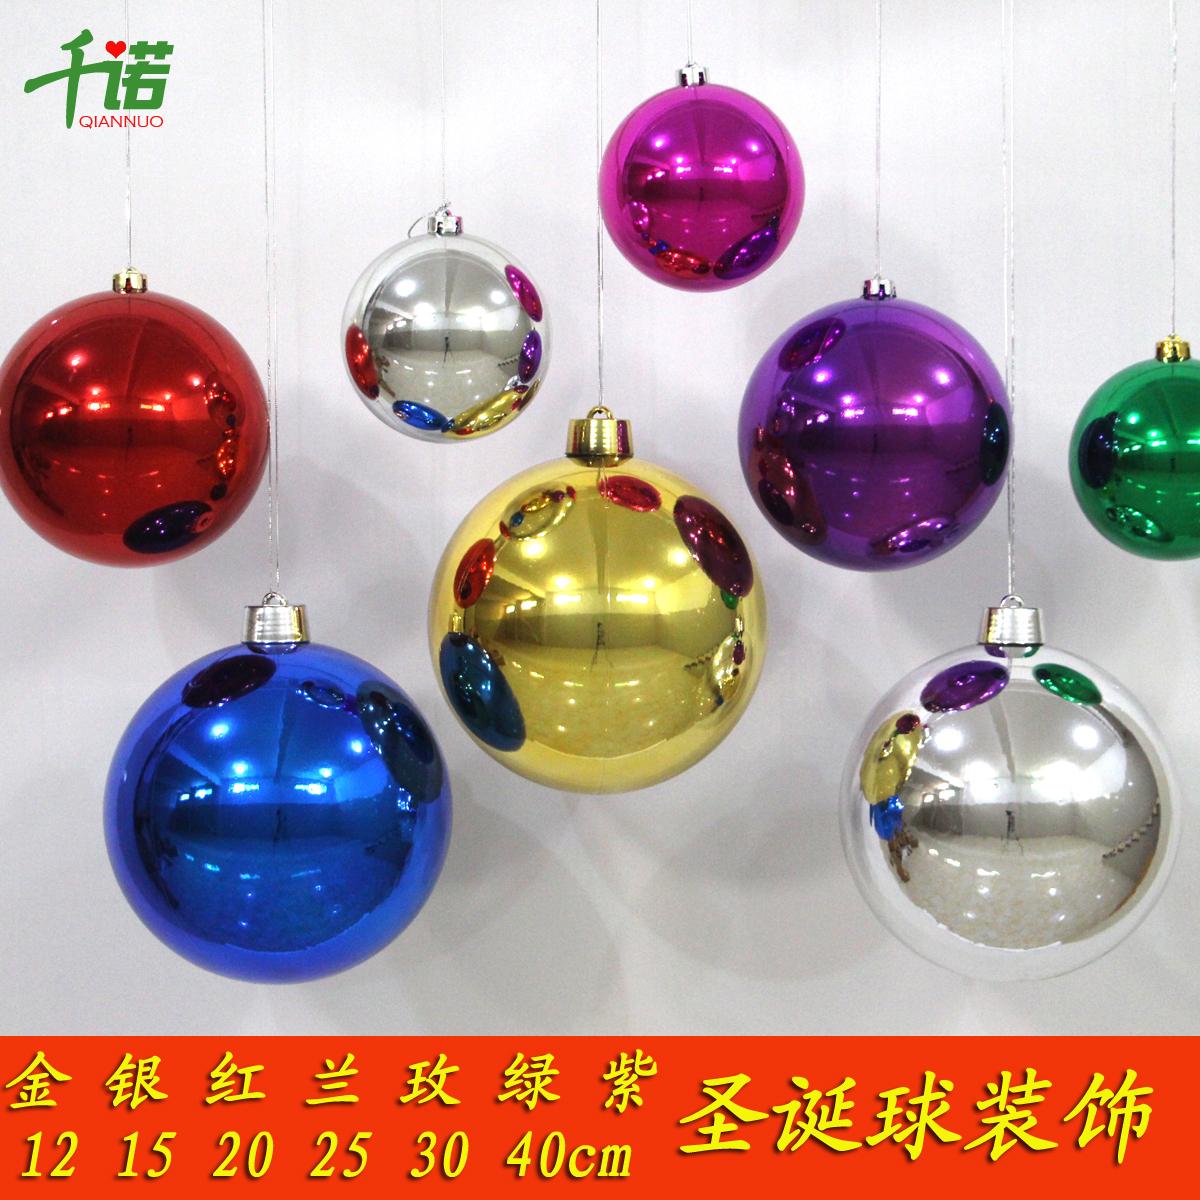 千诺圣诞球节日婚礼装饰球20cm亮光球橱窗挂饰圣诞树大球30cm彩球